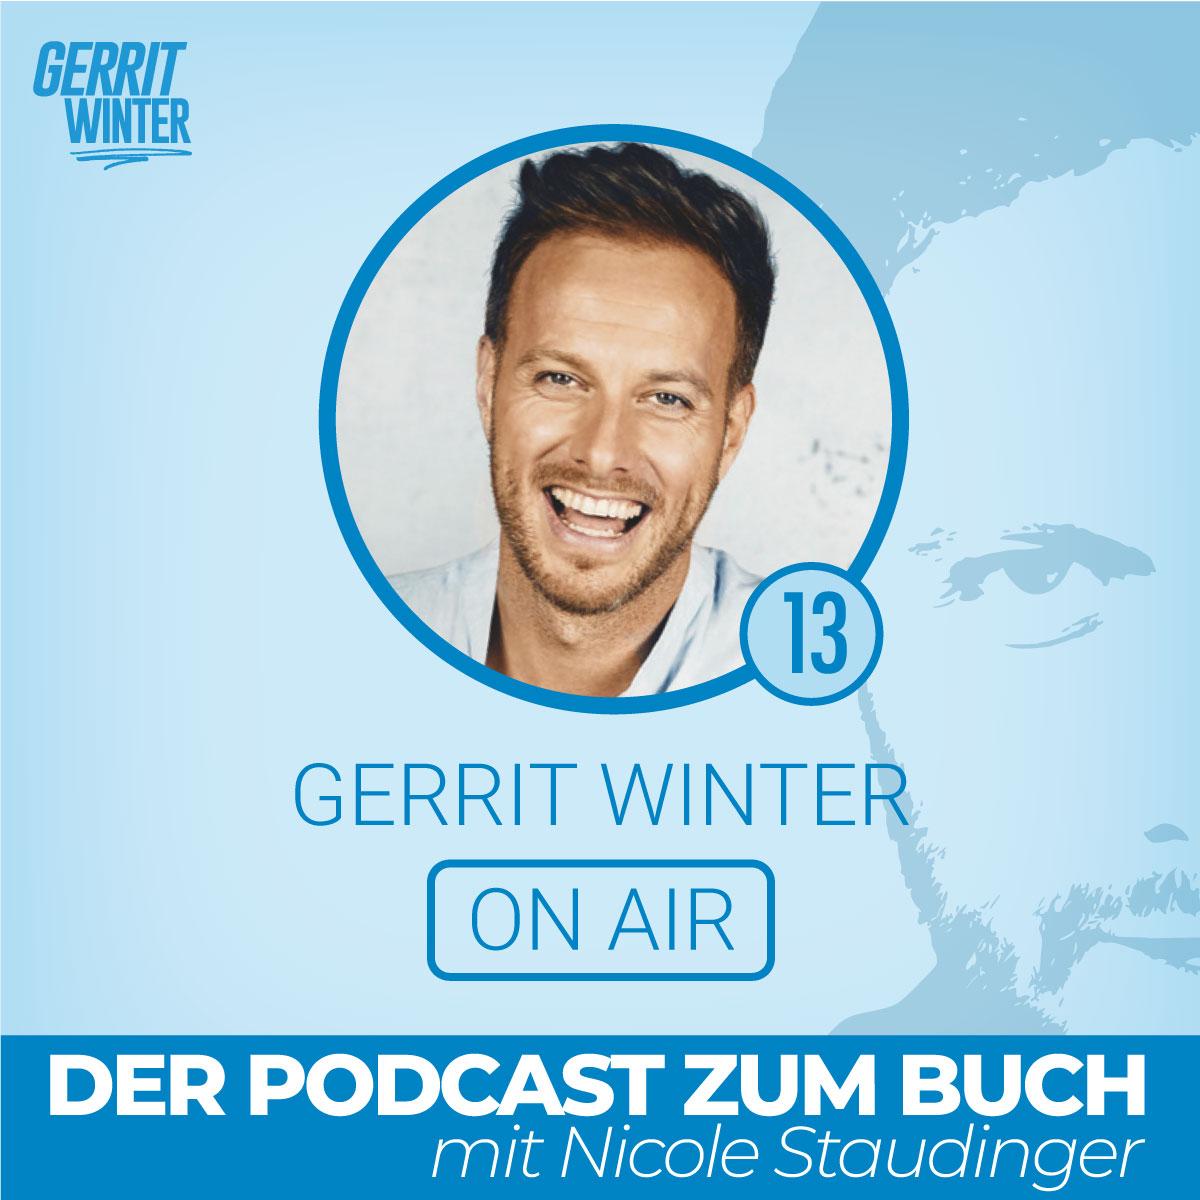 Gerrit Winter spricht mit Nicole Staudinger in seinem Podcast Gerrit on Air - das Special zum Buch